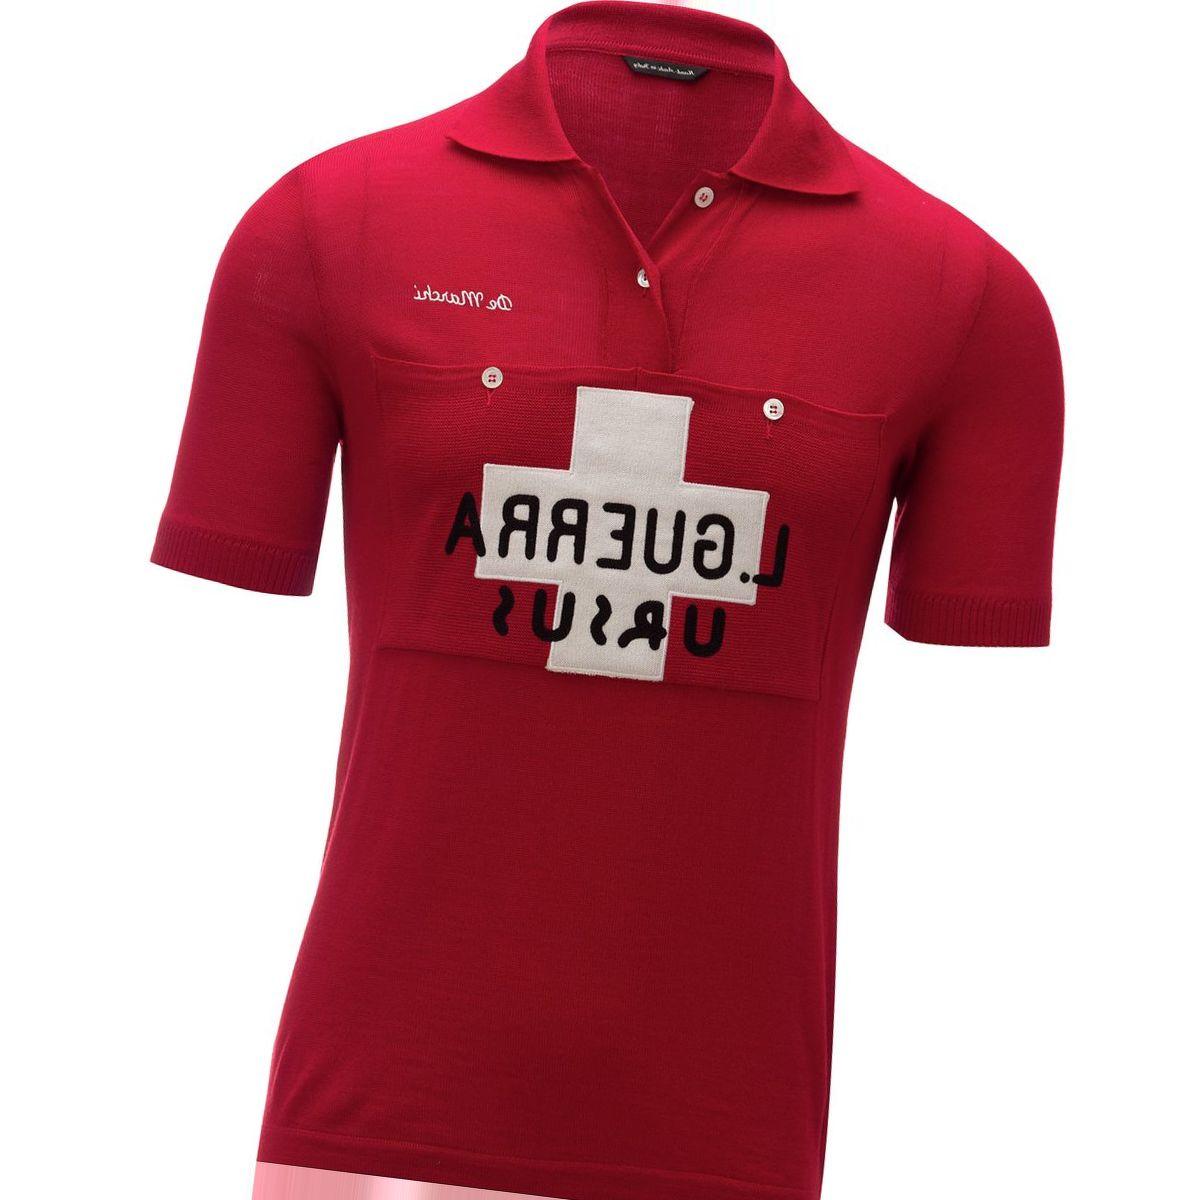 De Marchi Switzerland 1954 Merino Jersey - Men's